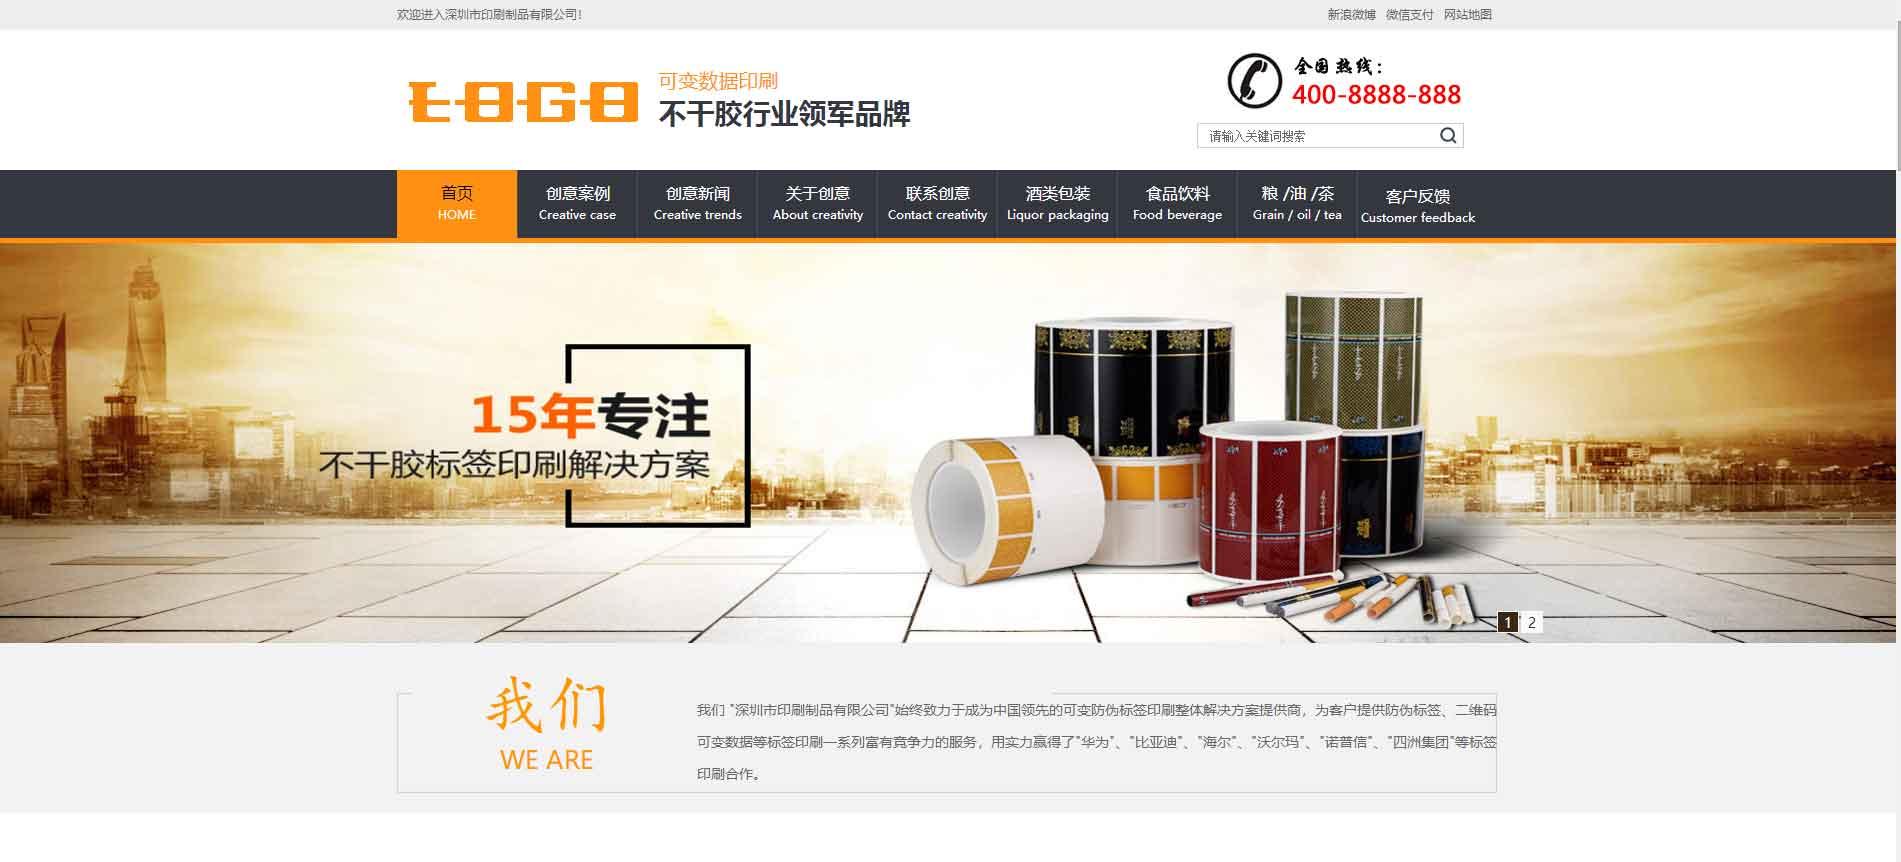 包裝行業網站